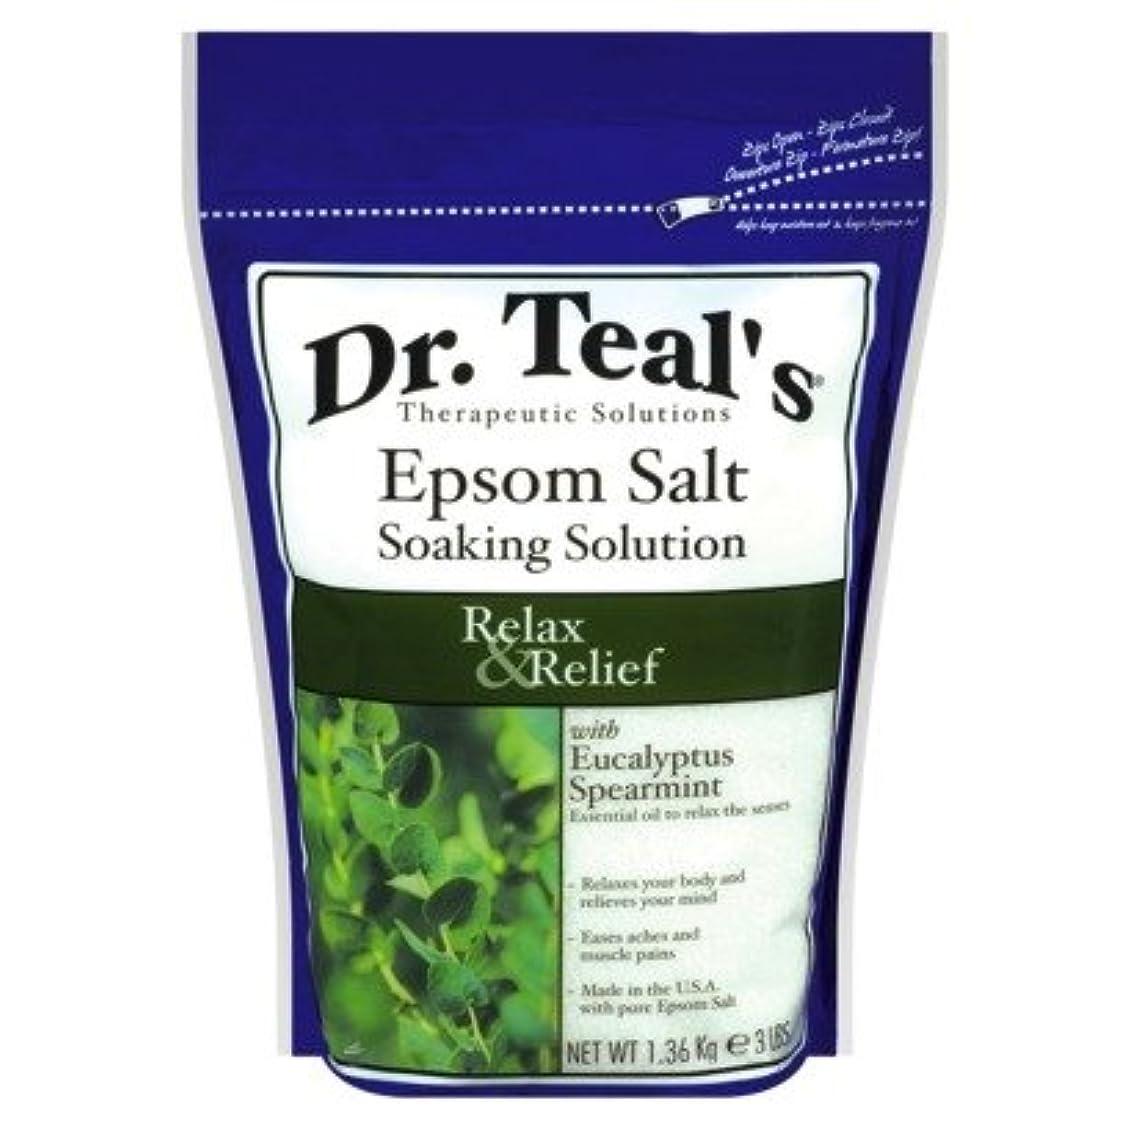 欲しいです苦いレオナルドダ【海外直送】リラックス効果 Dr. Teal's Relax Epsom Salt Eucalyptus Spearmint Soaking Solution ユーカリ&スペアミント 1.36kg